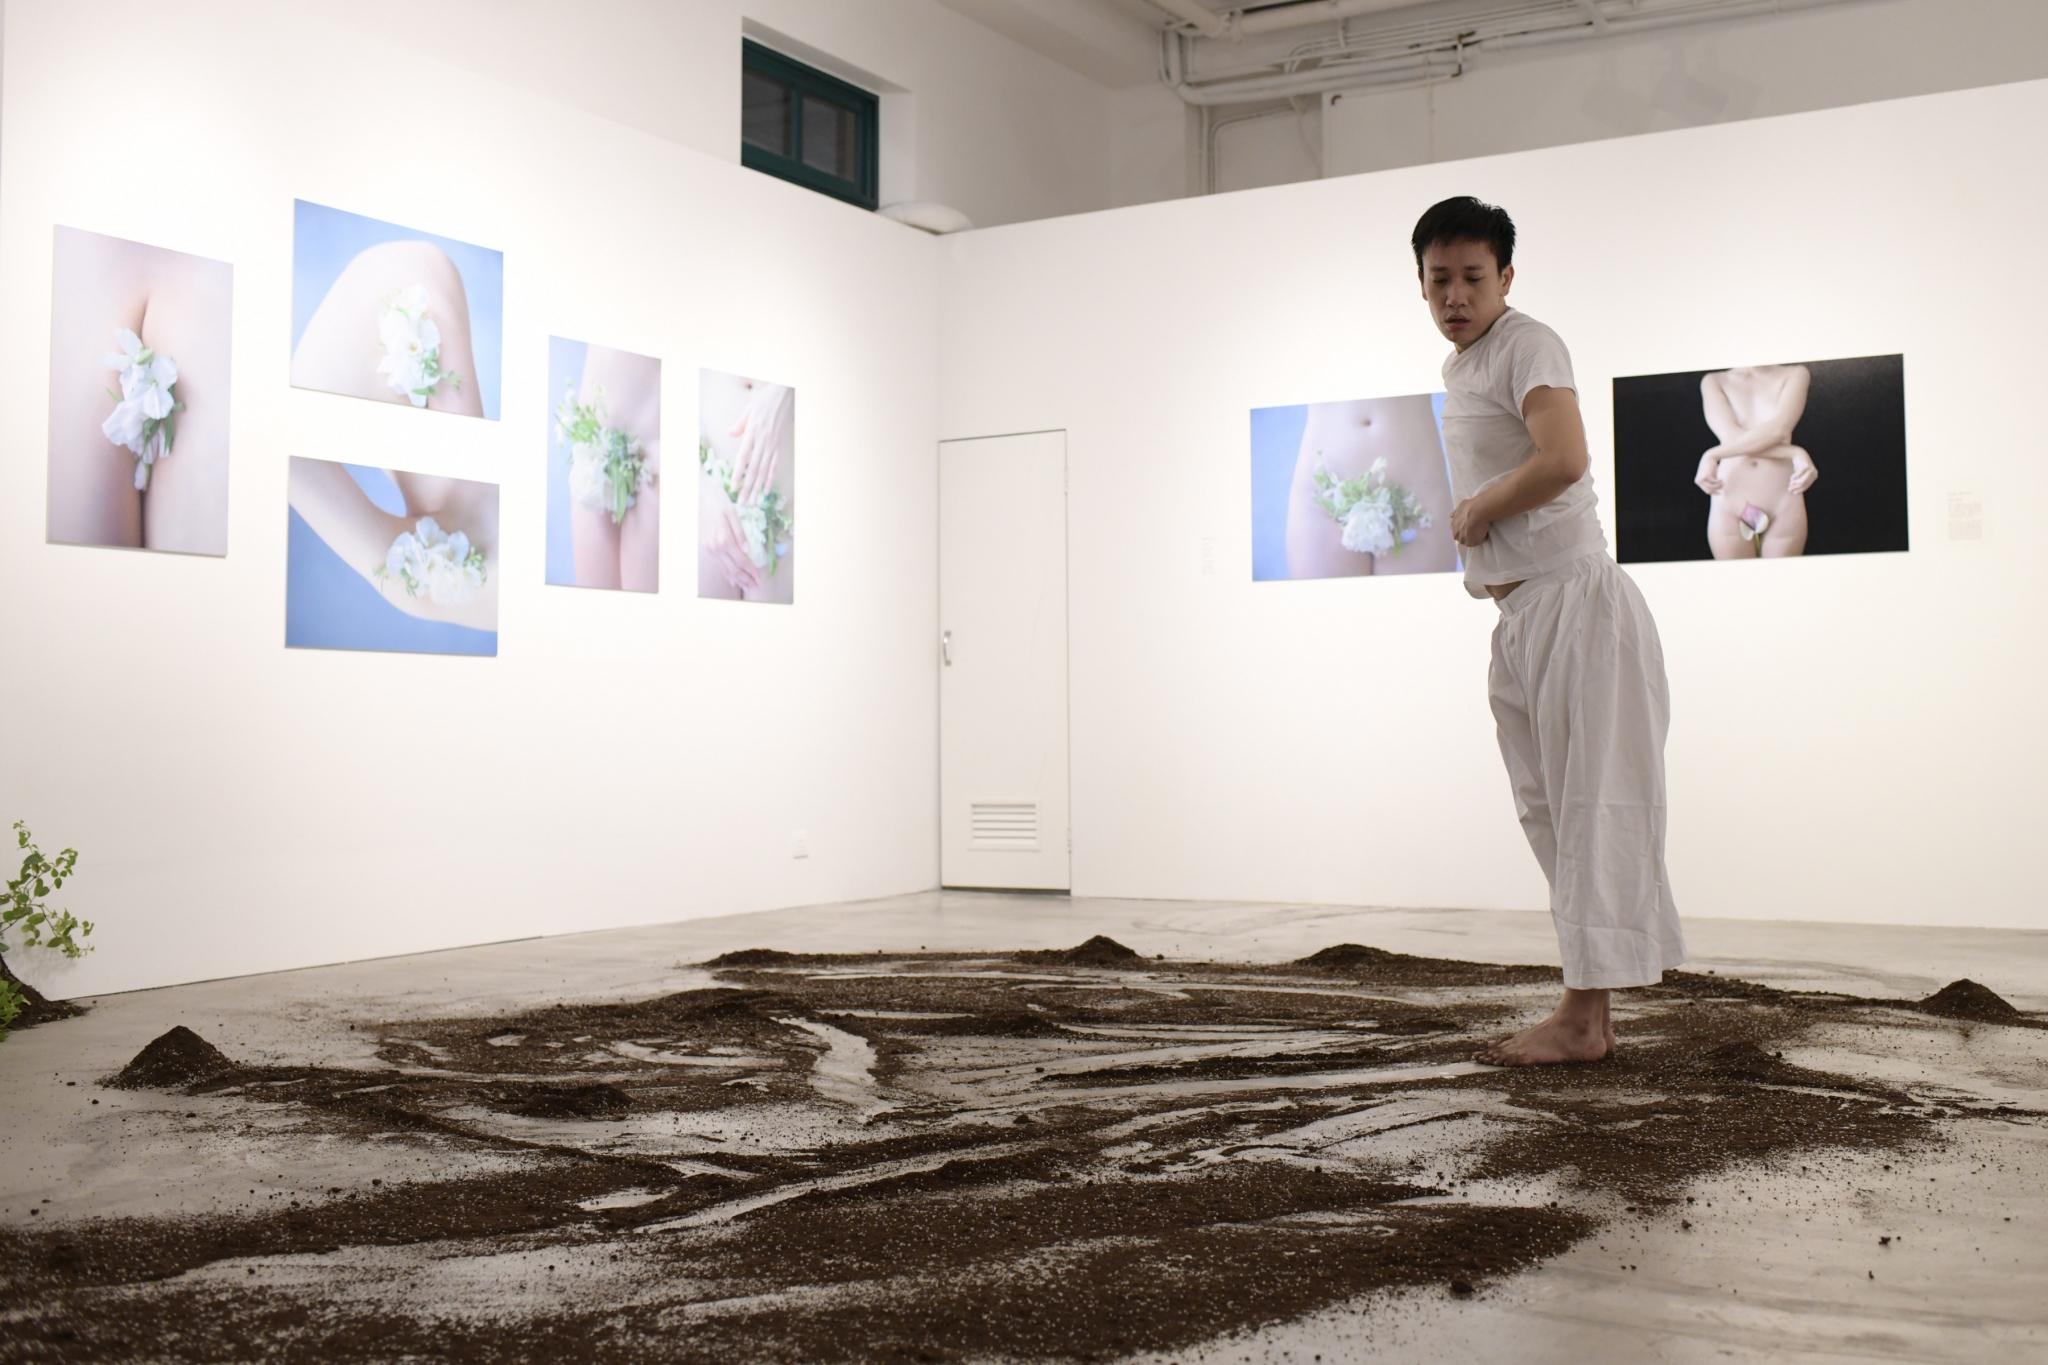 《靜默》演出相片(劇照由風盒子社區藝術發展協會提供,攝影:Odia)